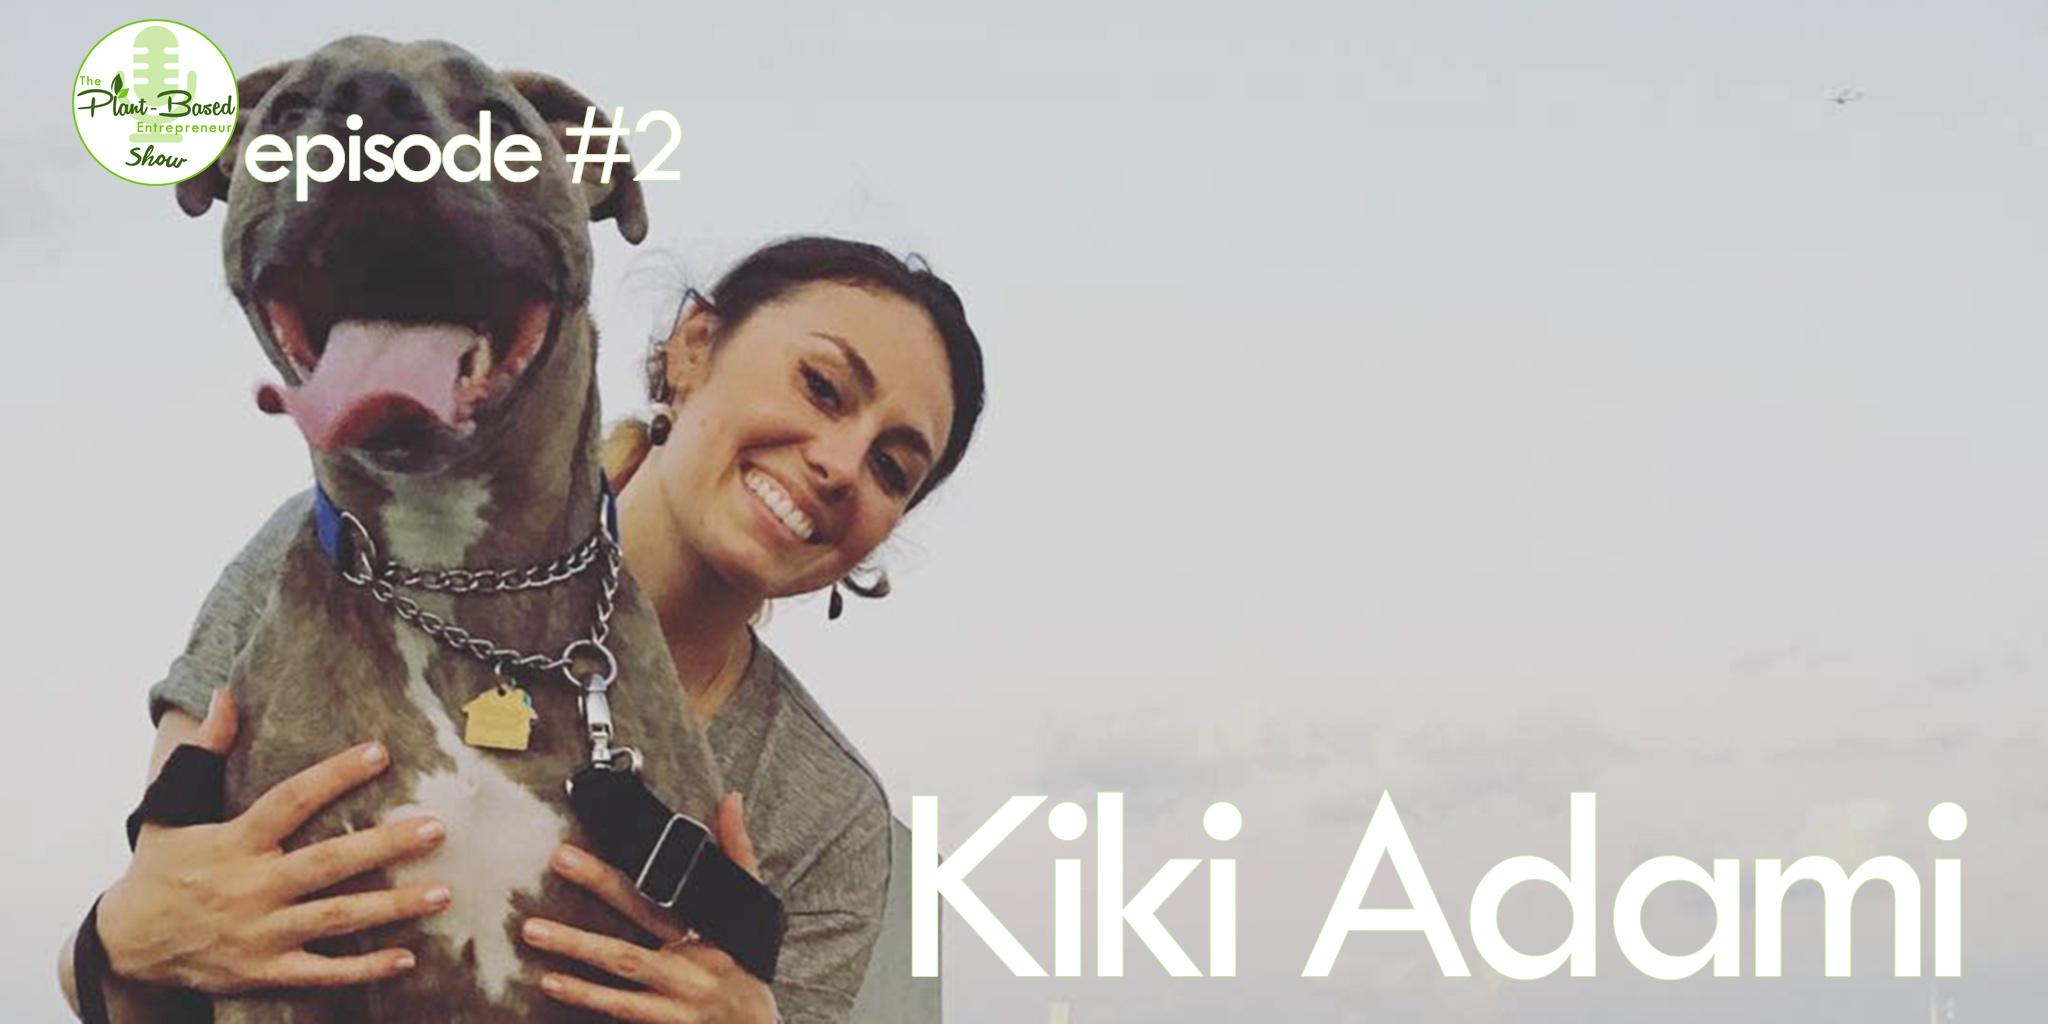 Episode #2 - Kiki Adami